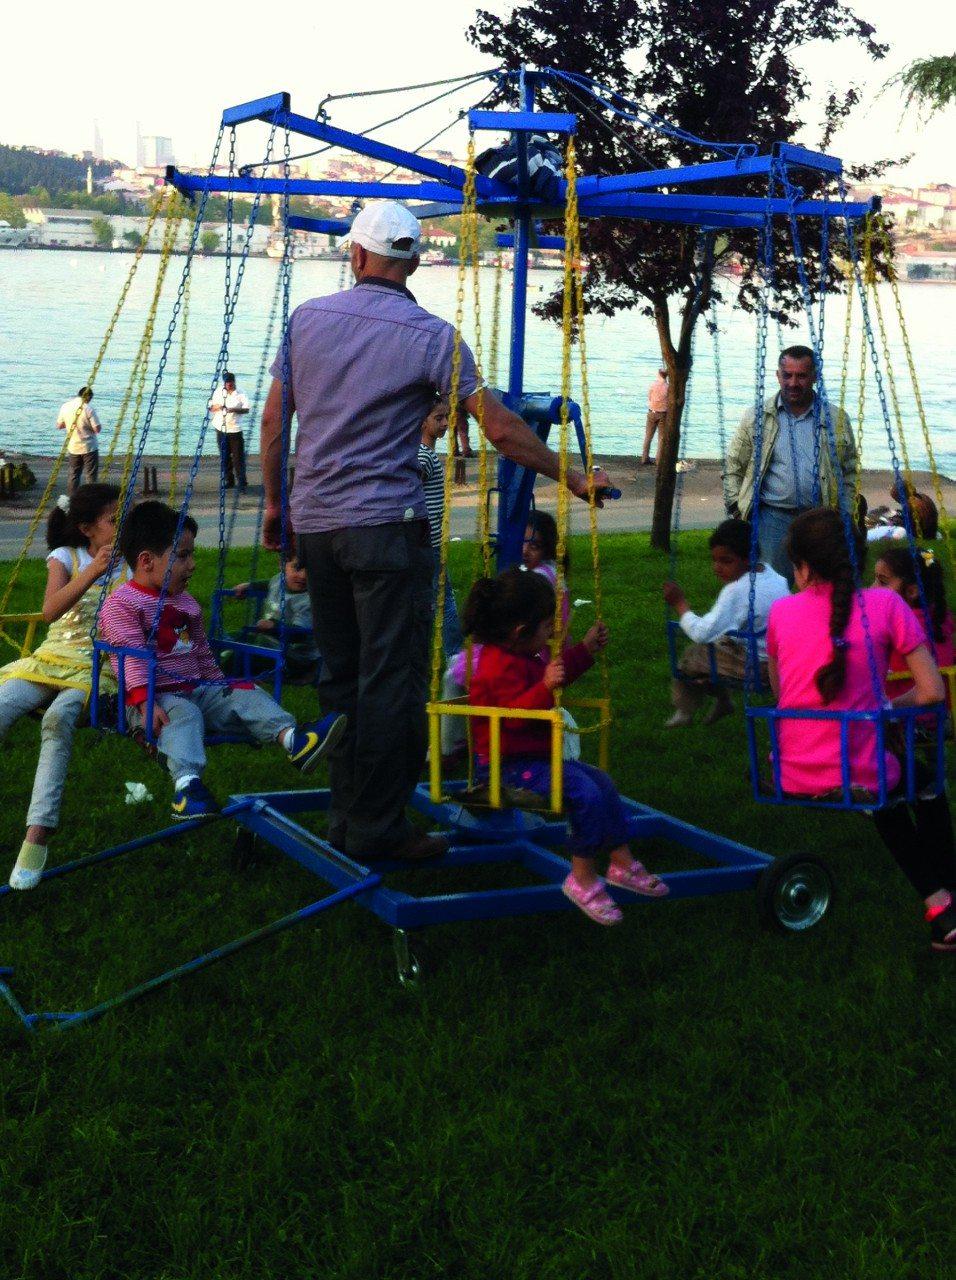 5. Karussell. Das bereifte Karrussell kann immer dort eingesetzt werden, wo es am dringendsten benötigt wird, zur Freude der quietschenden Kinder.